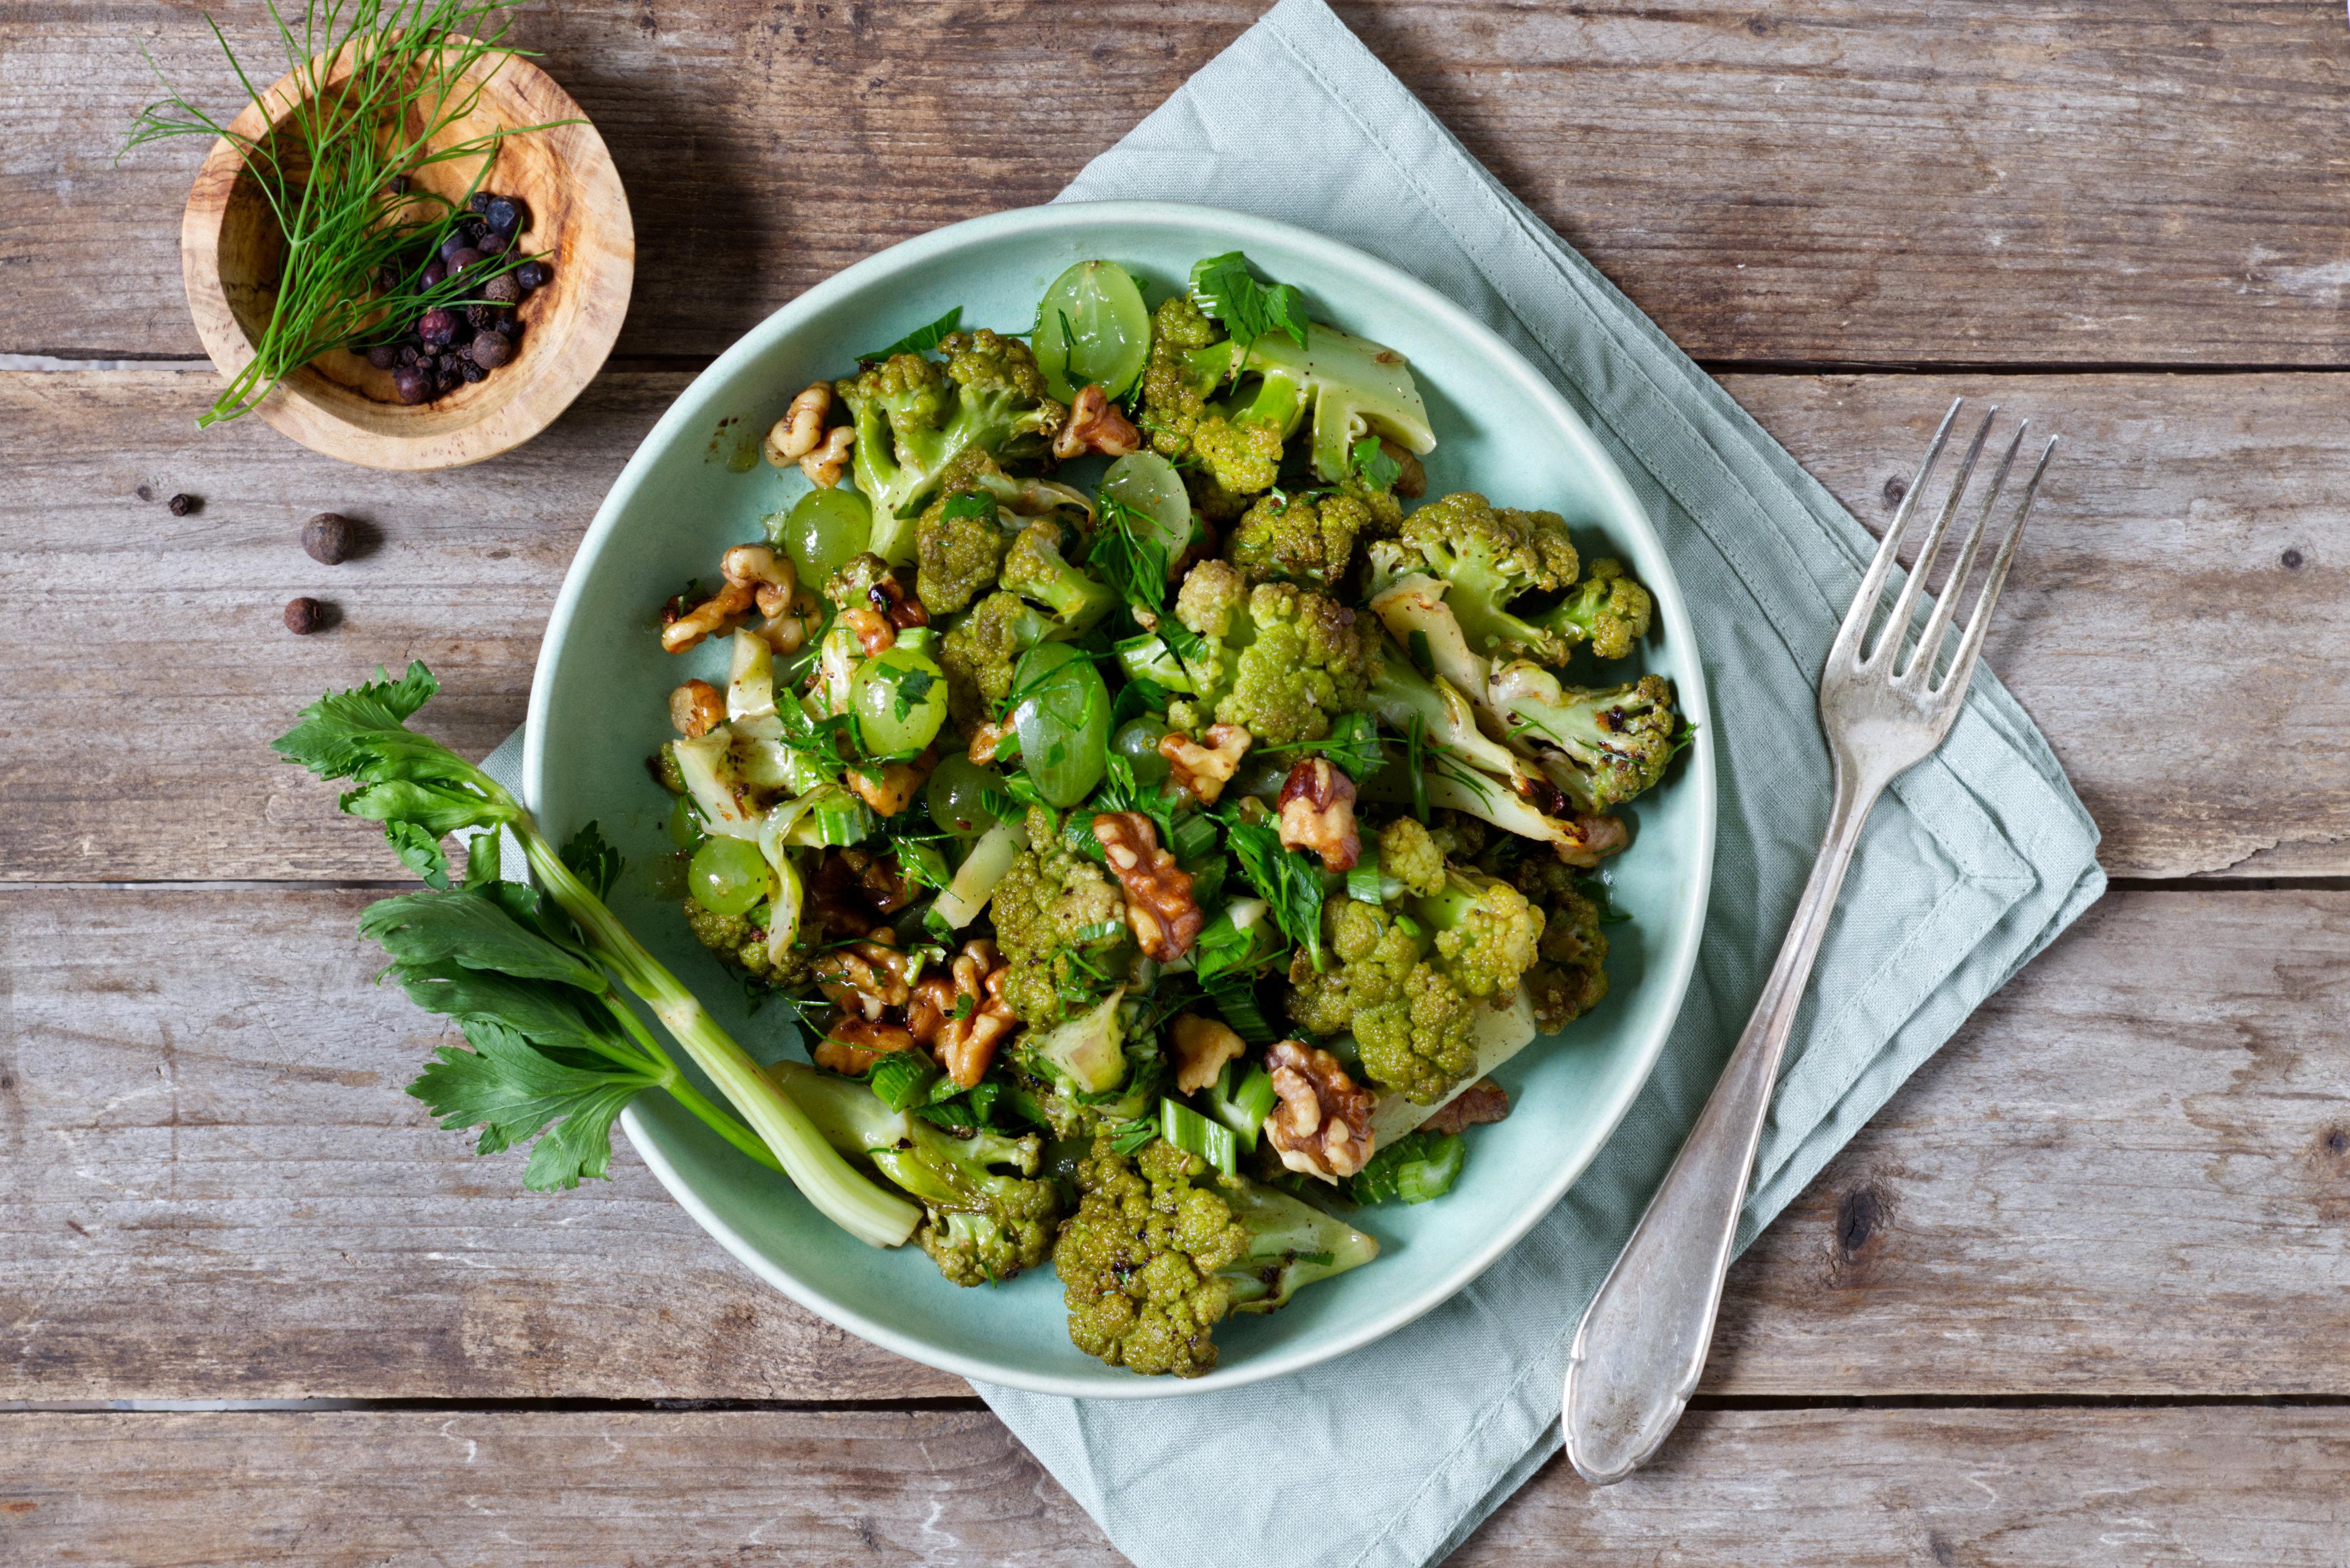 Blumenkohlsalat mit Sellerie, Trauben und orientalischem Dressing